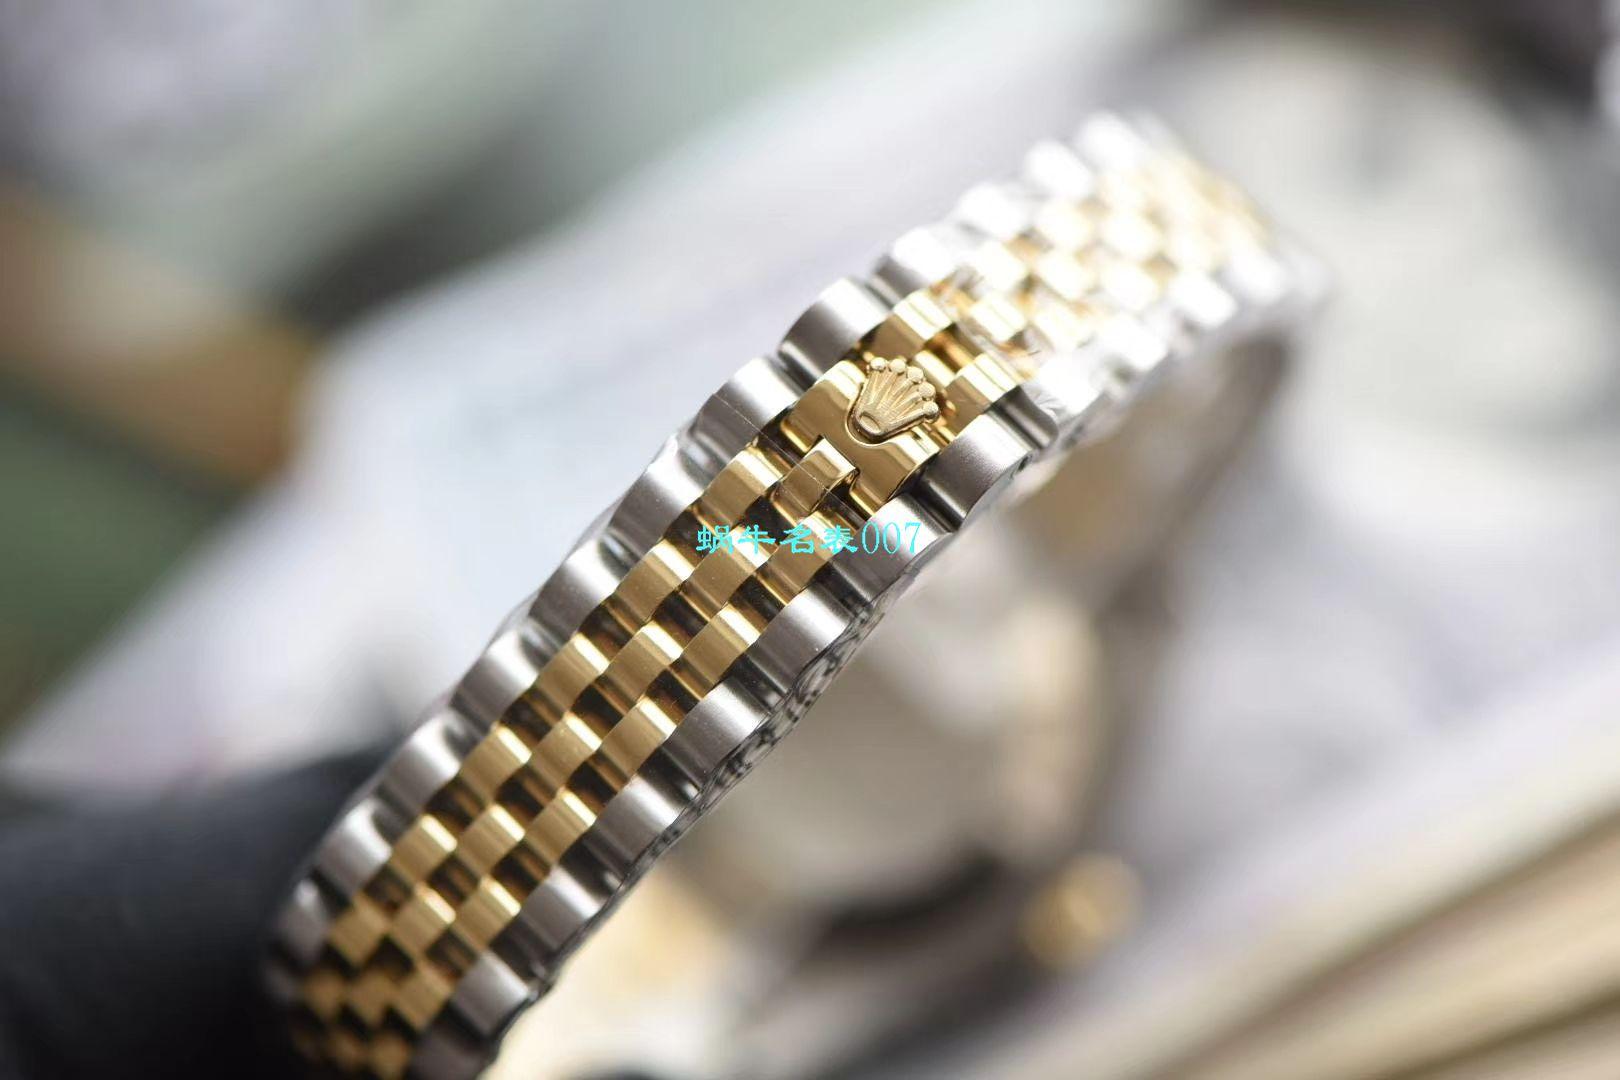 台湾超A精仿劳力士日志型31毫米女装系列m278273-0018腕表 / R531